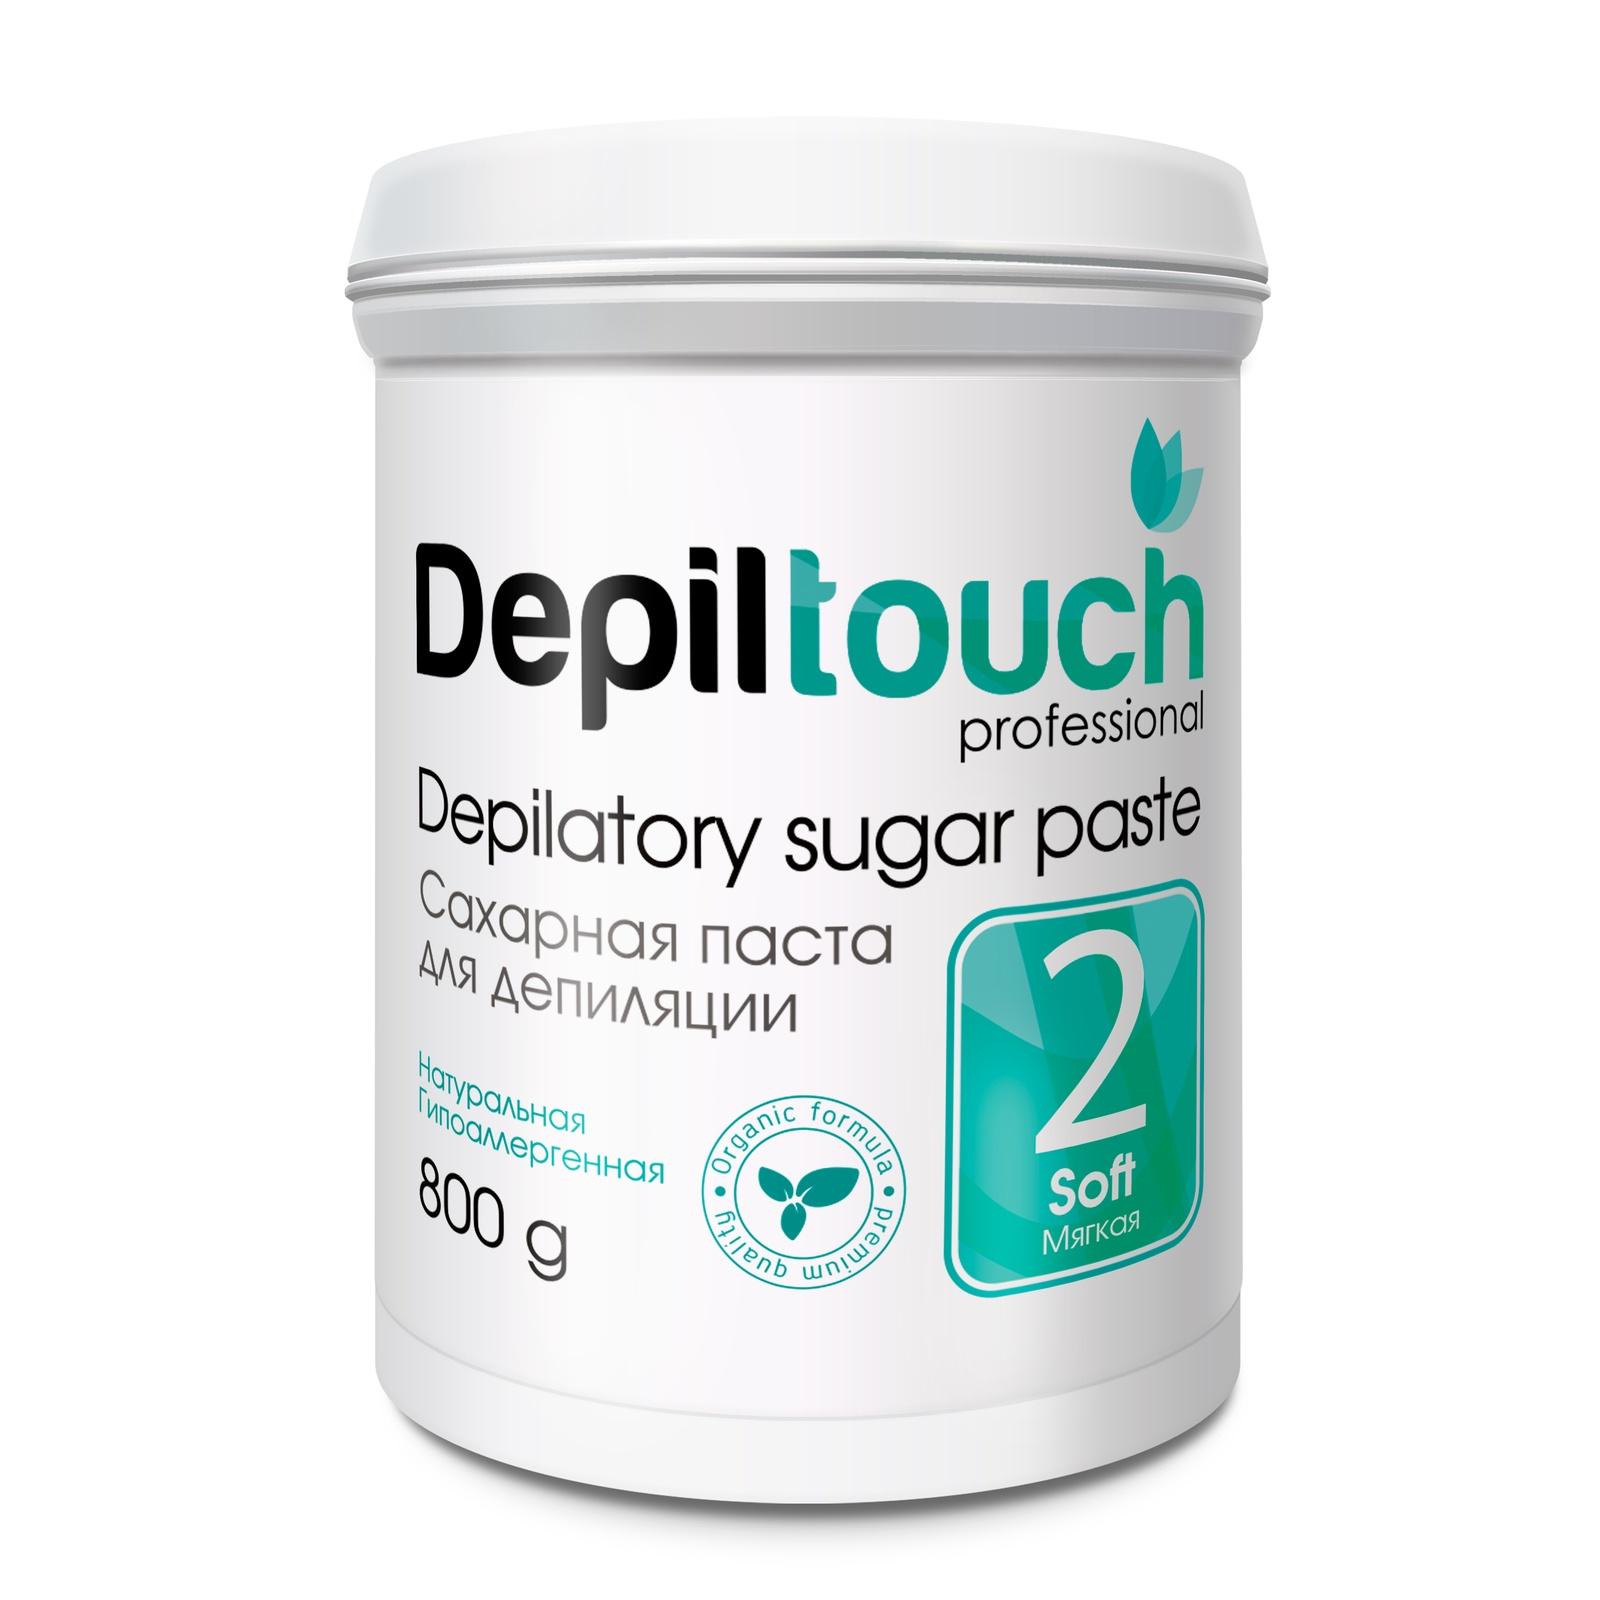 Depiltouch 87708 Сахарная паста для депиляции 2 МЯГКАЯ Depiltouch professional 800г для депиляции